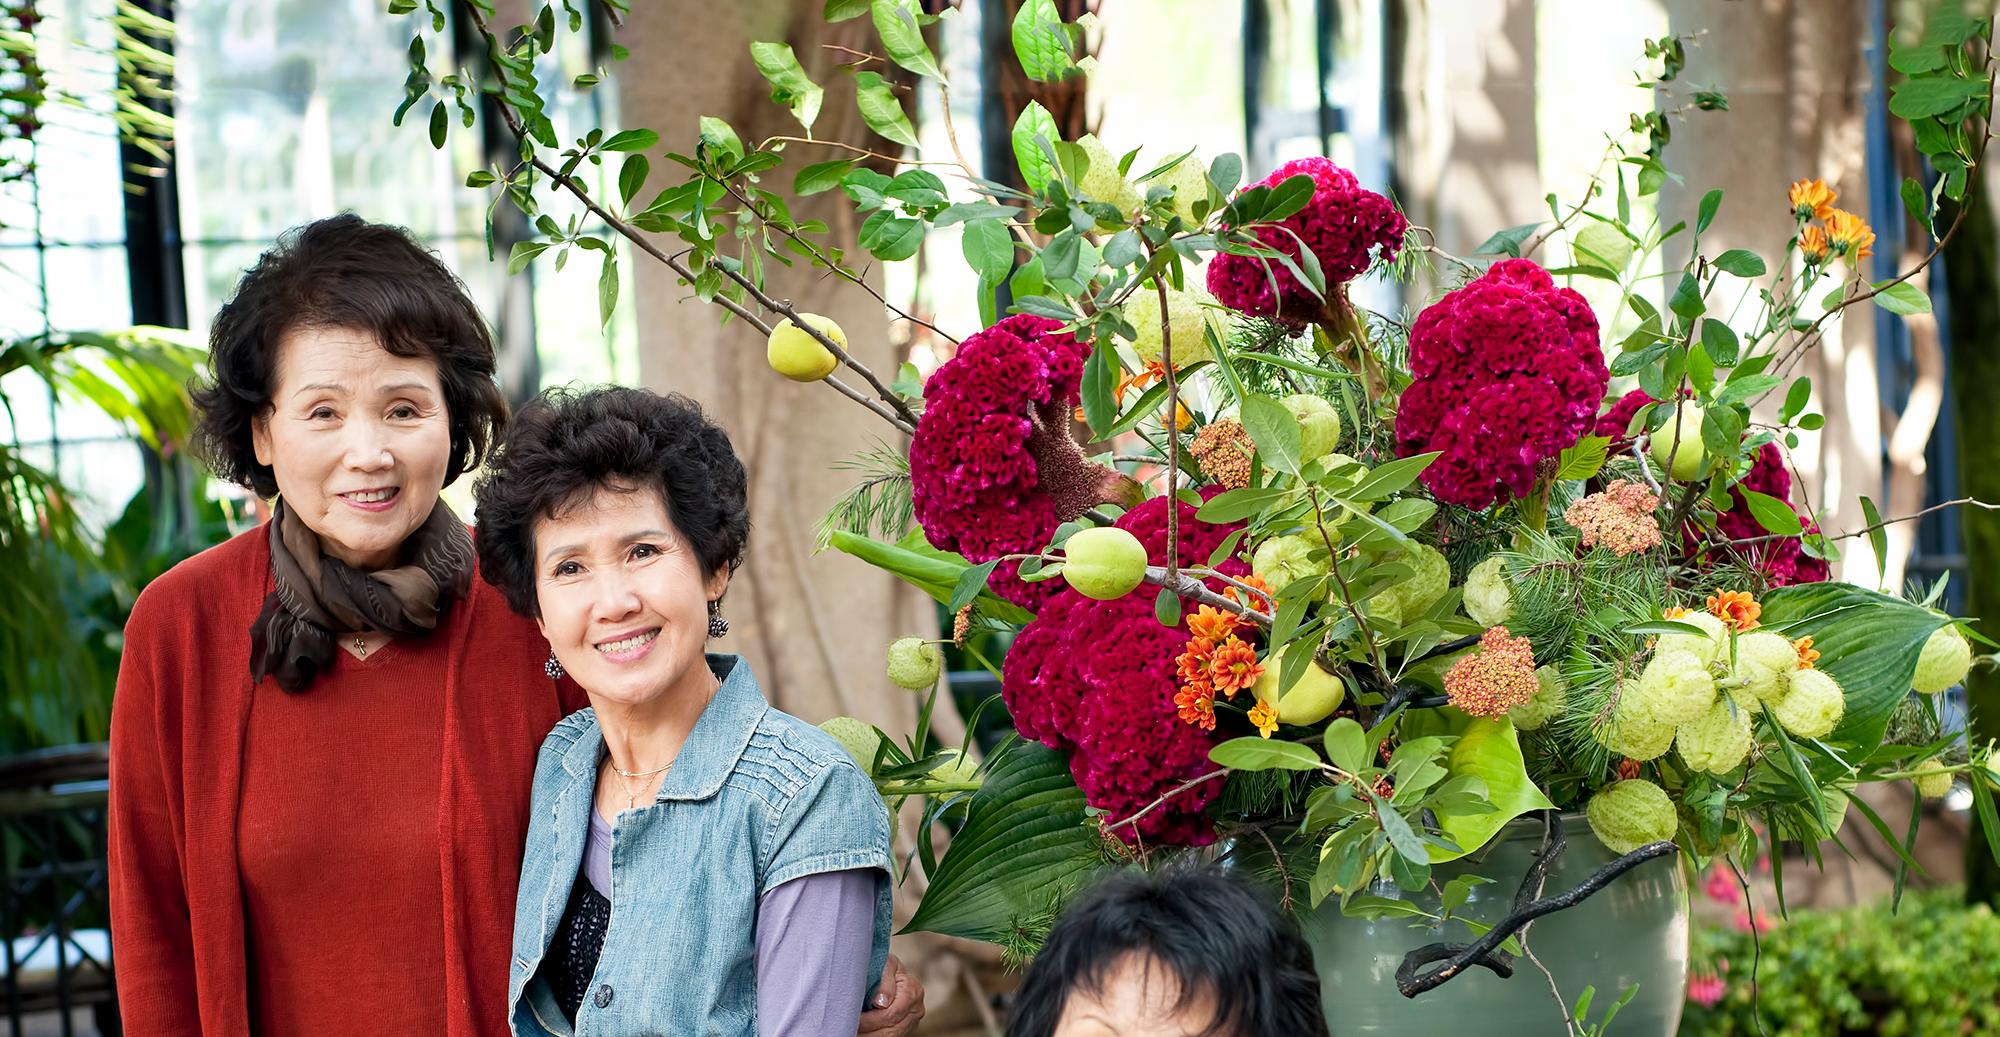 FloraldesignerMain.jpg